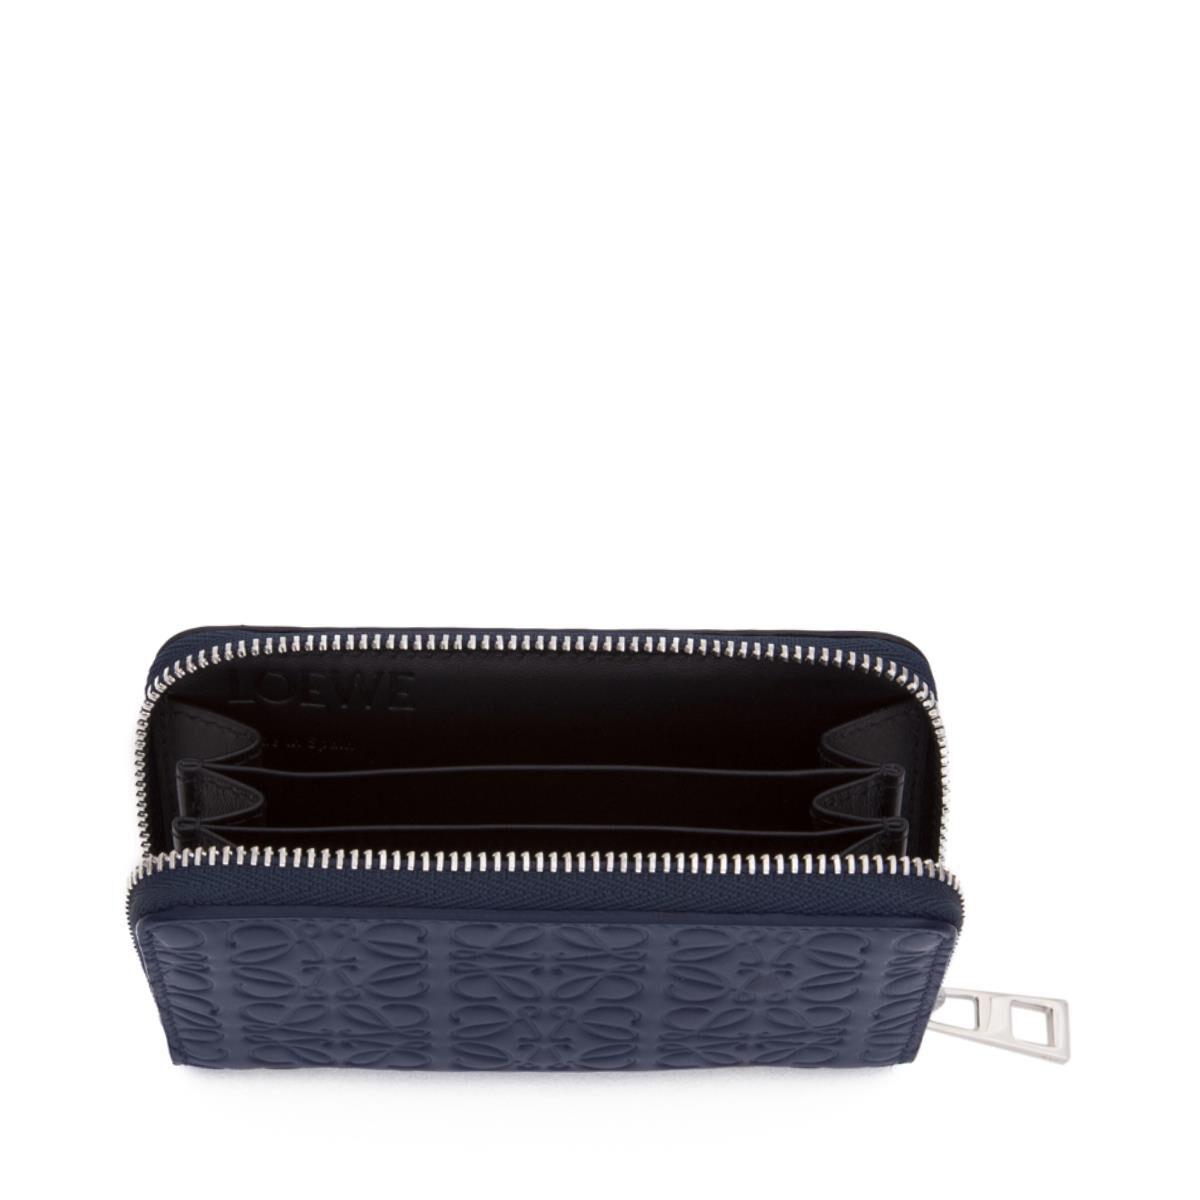 LOEWE Zip Card Holder Navy Blue all